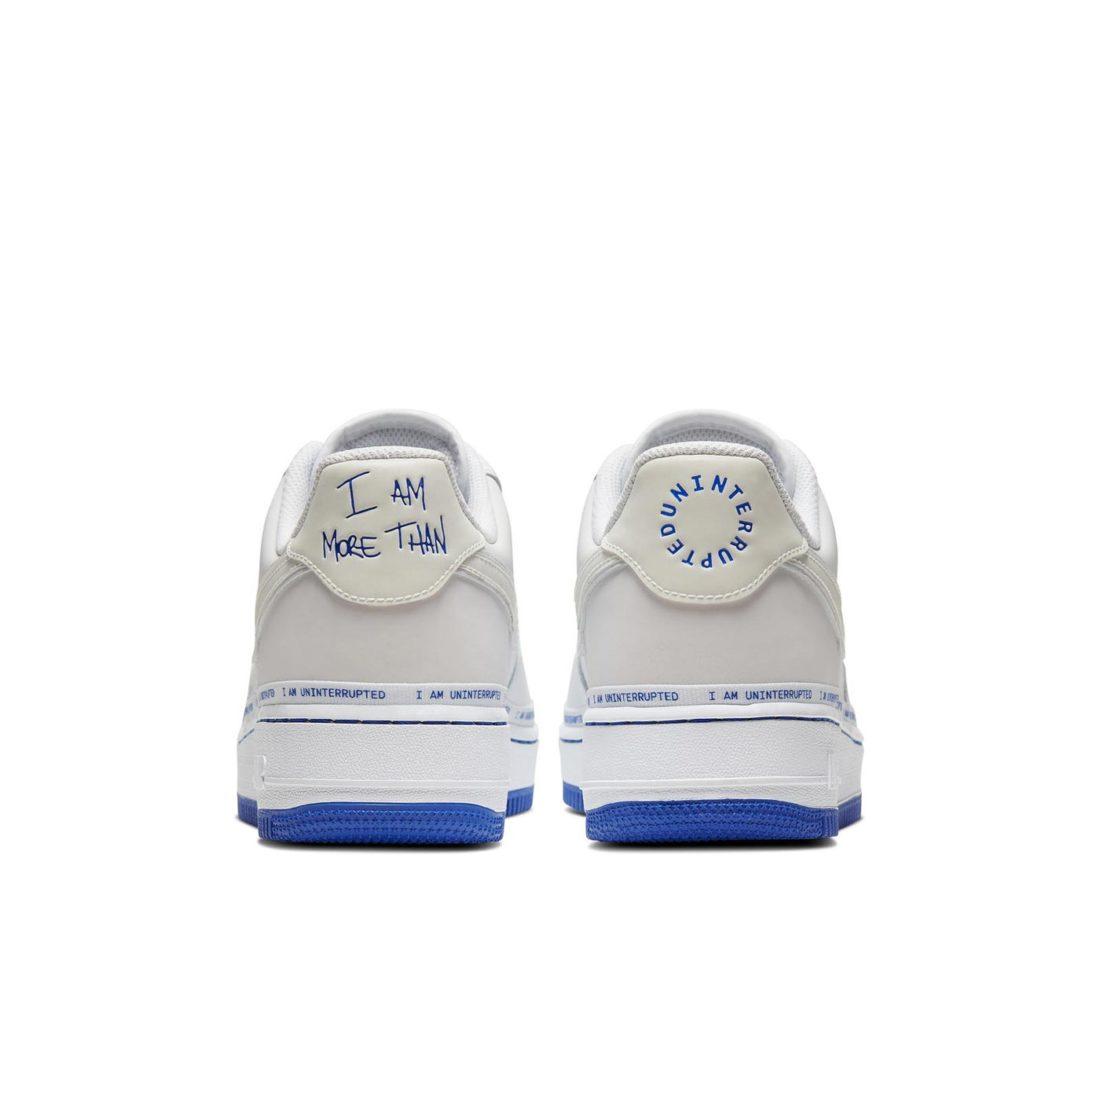 Nike Air Force 1 More Than Le Site de la Sneaker